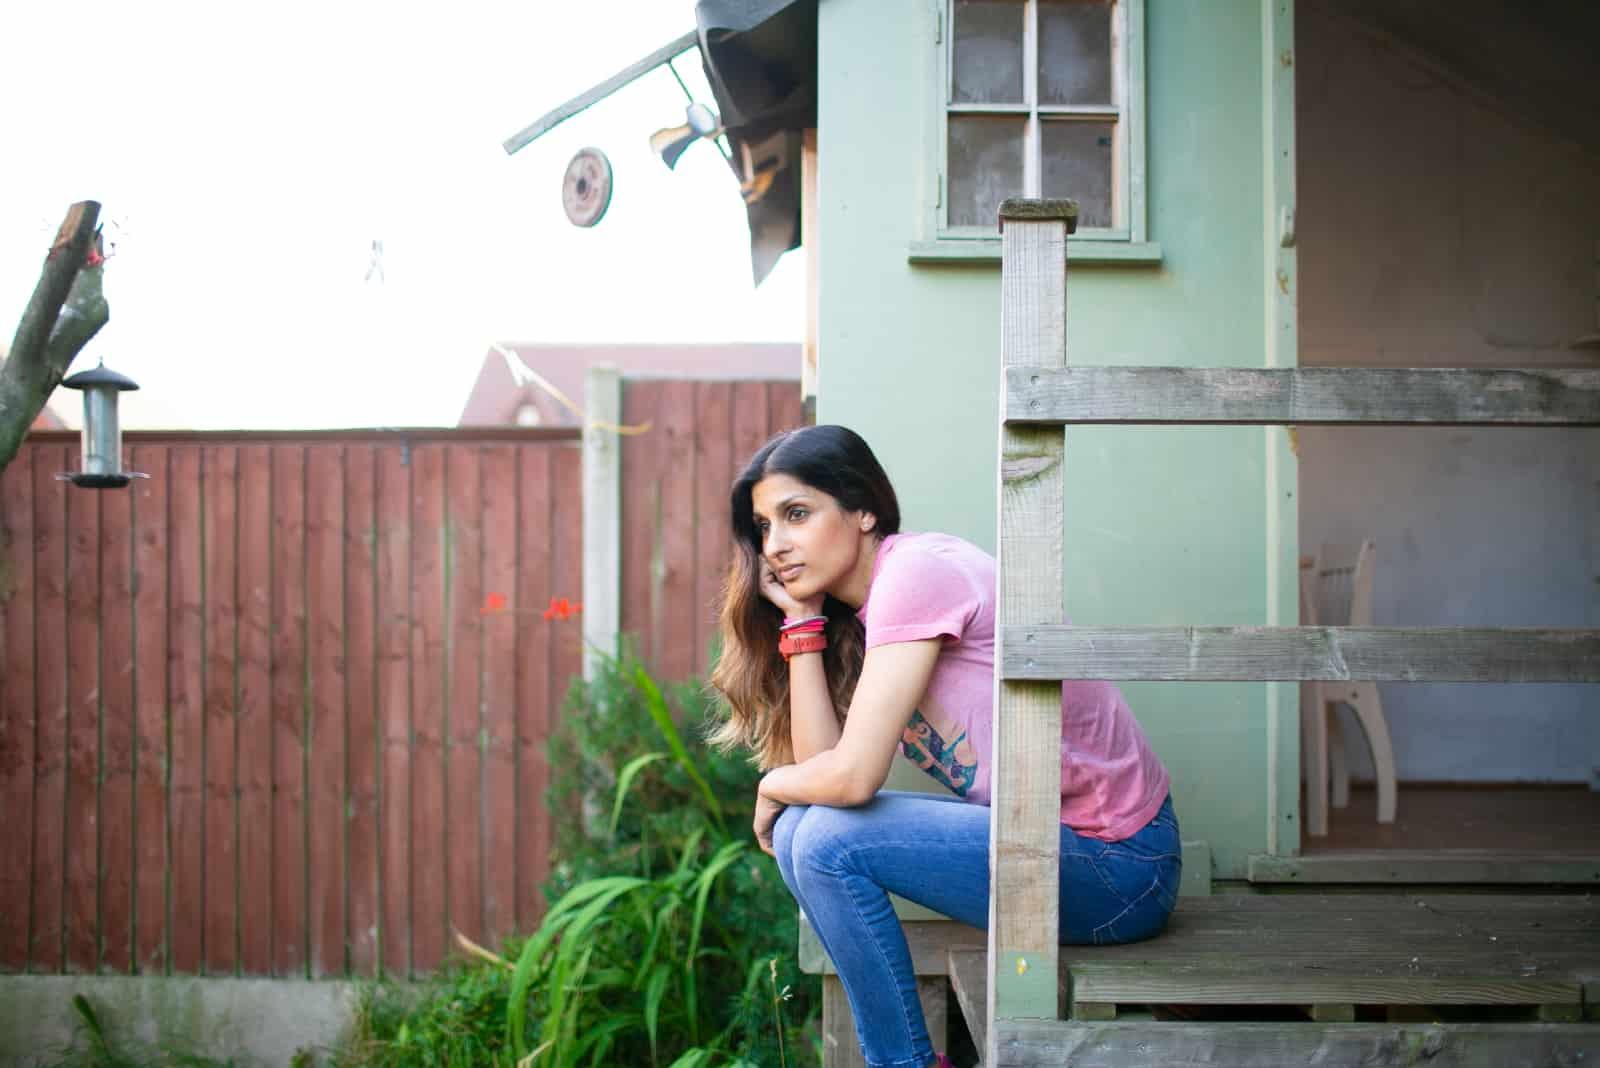 femme en t-shirt rose assise près d'une maison